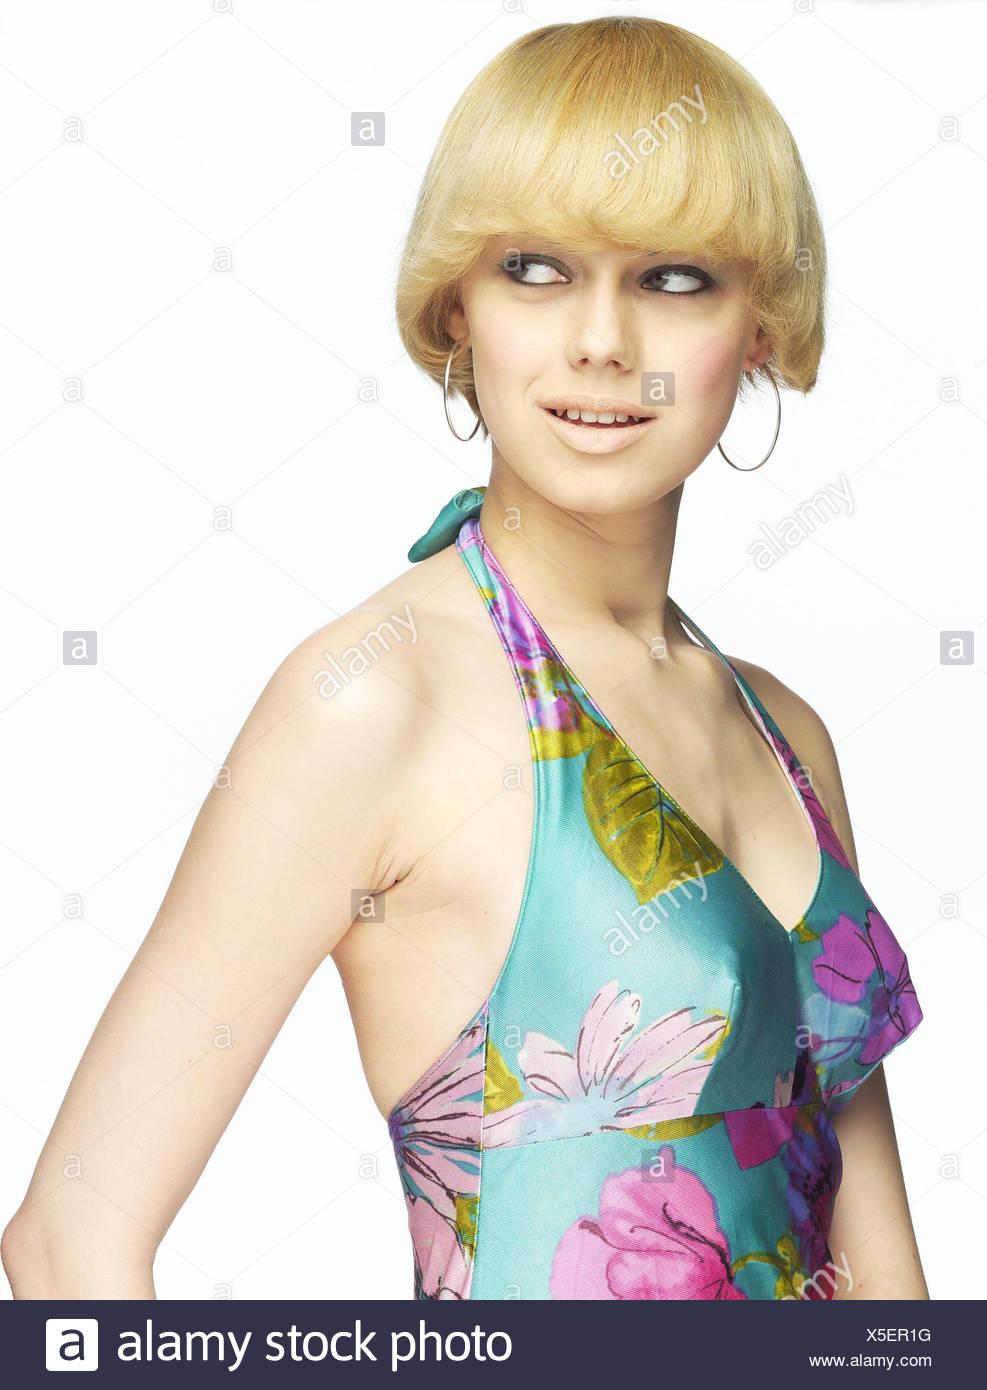 Frau Lächeln Jung Blond Seitenansicht Halbe Porträt